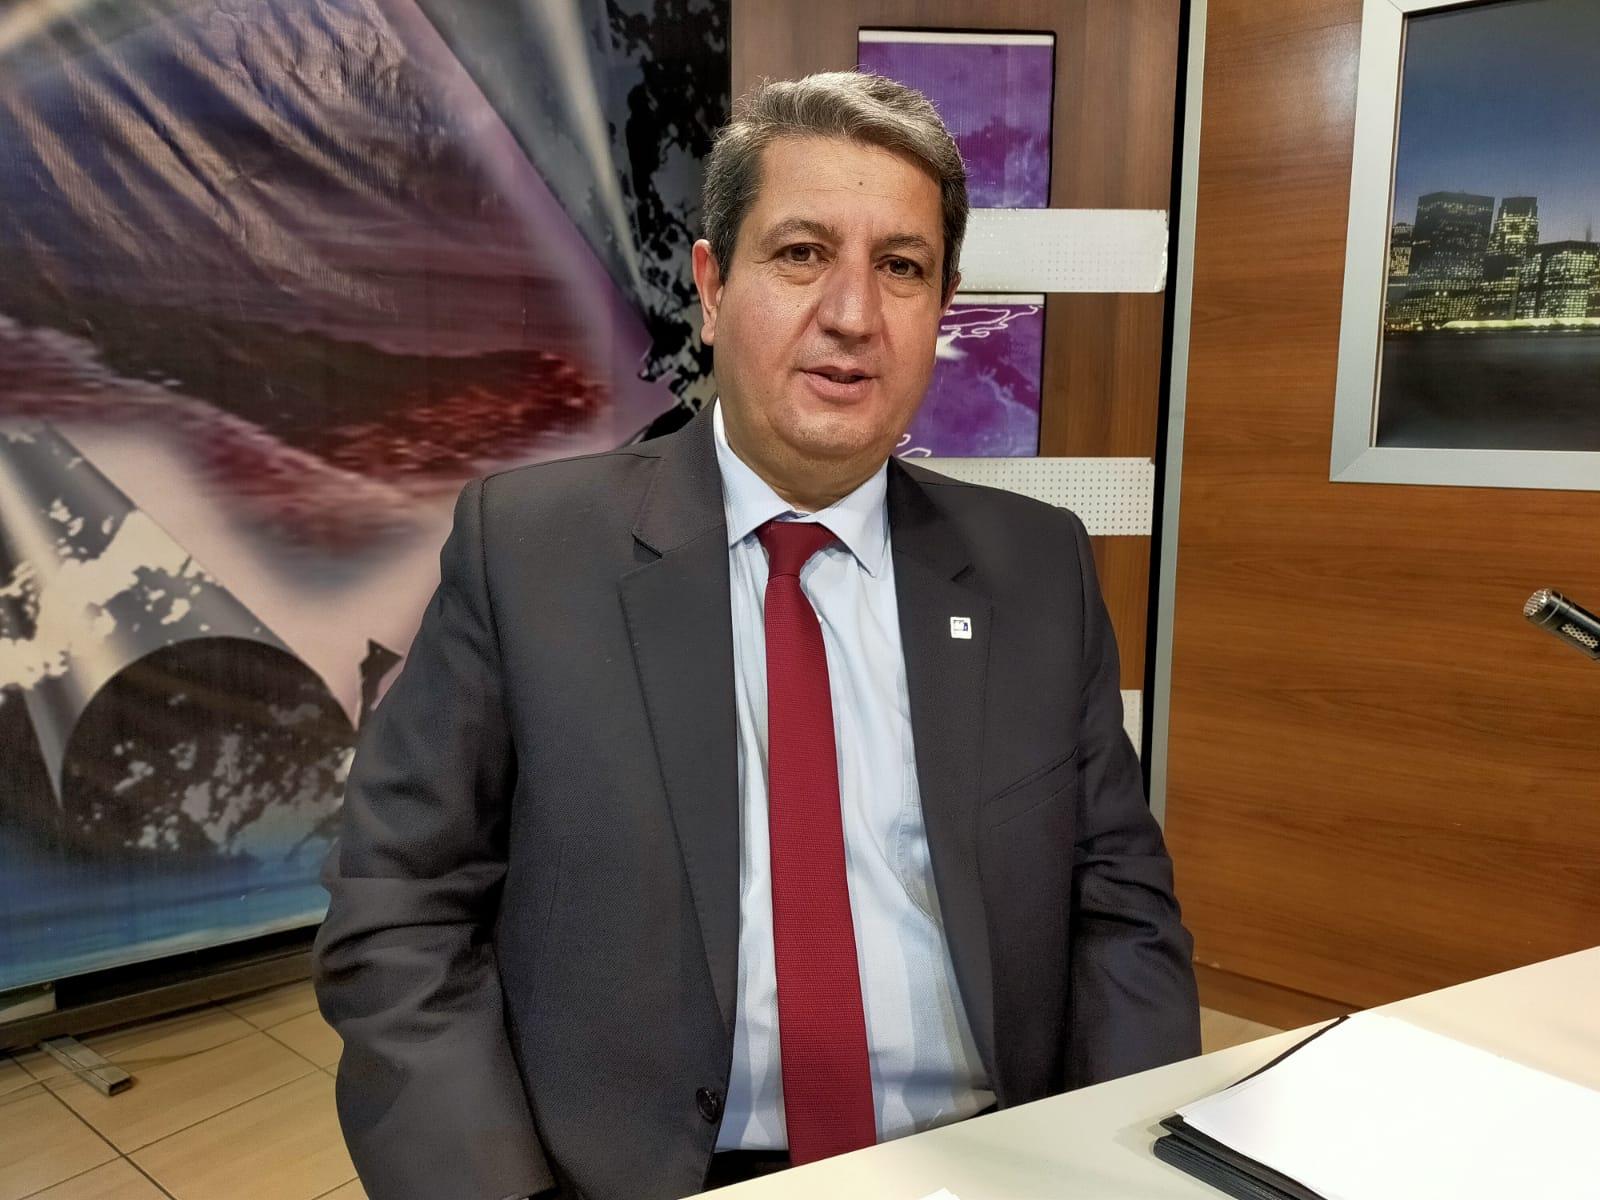 Uşak Serbest Muhasebeci Mali Müşavirler Odası başkanı Mustafa MIDIK, EGEM TV de SİVİL TOPLUM programına  canlı yayın konuğu olarak katıldı.